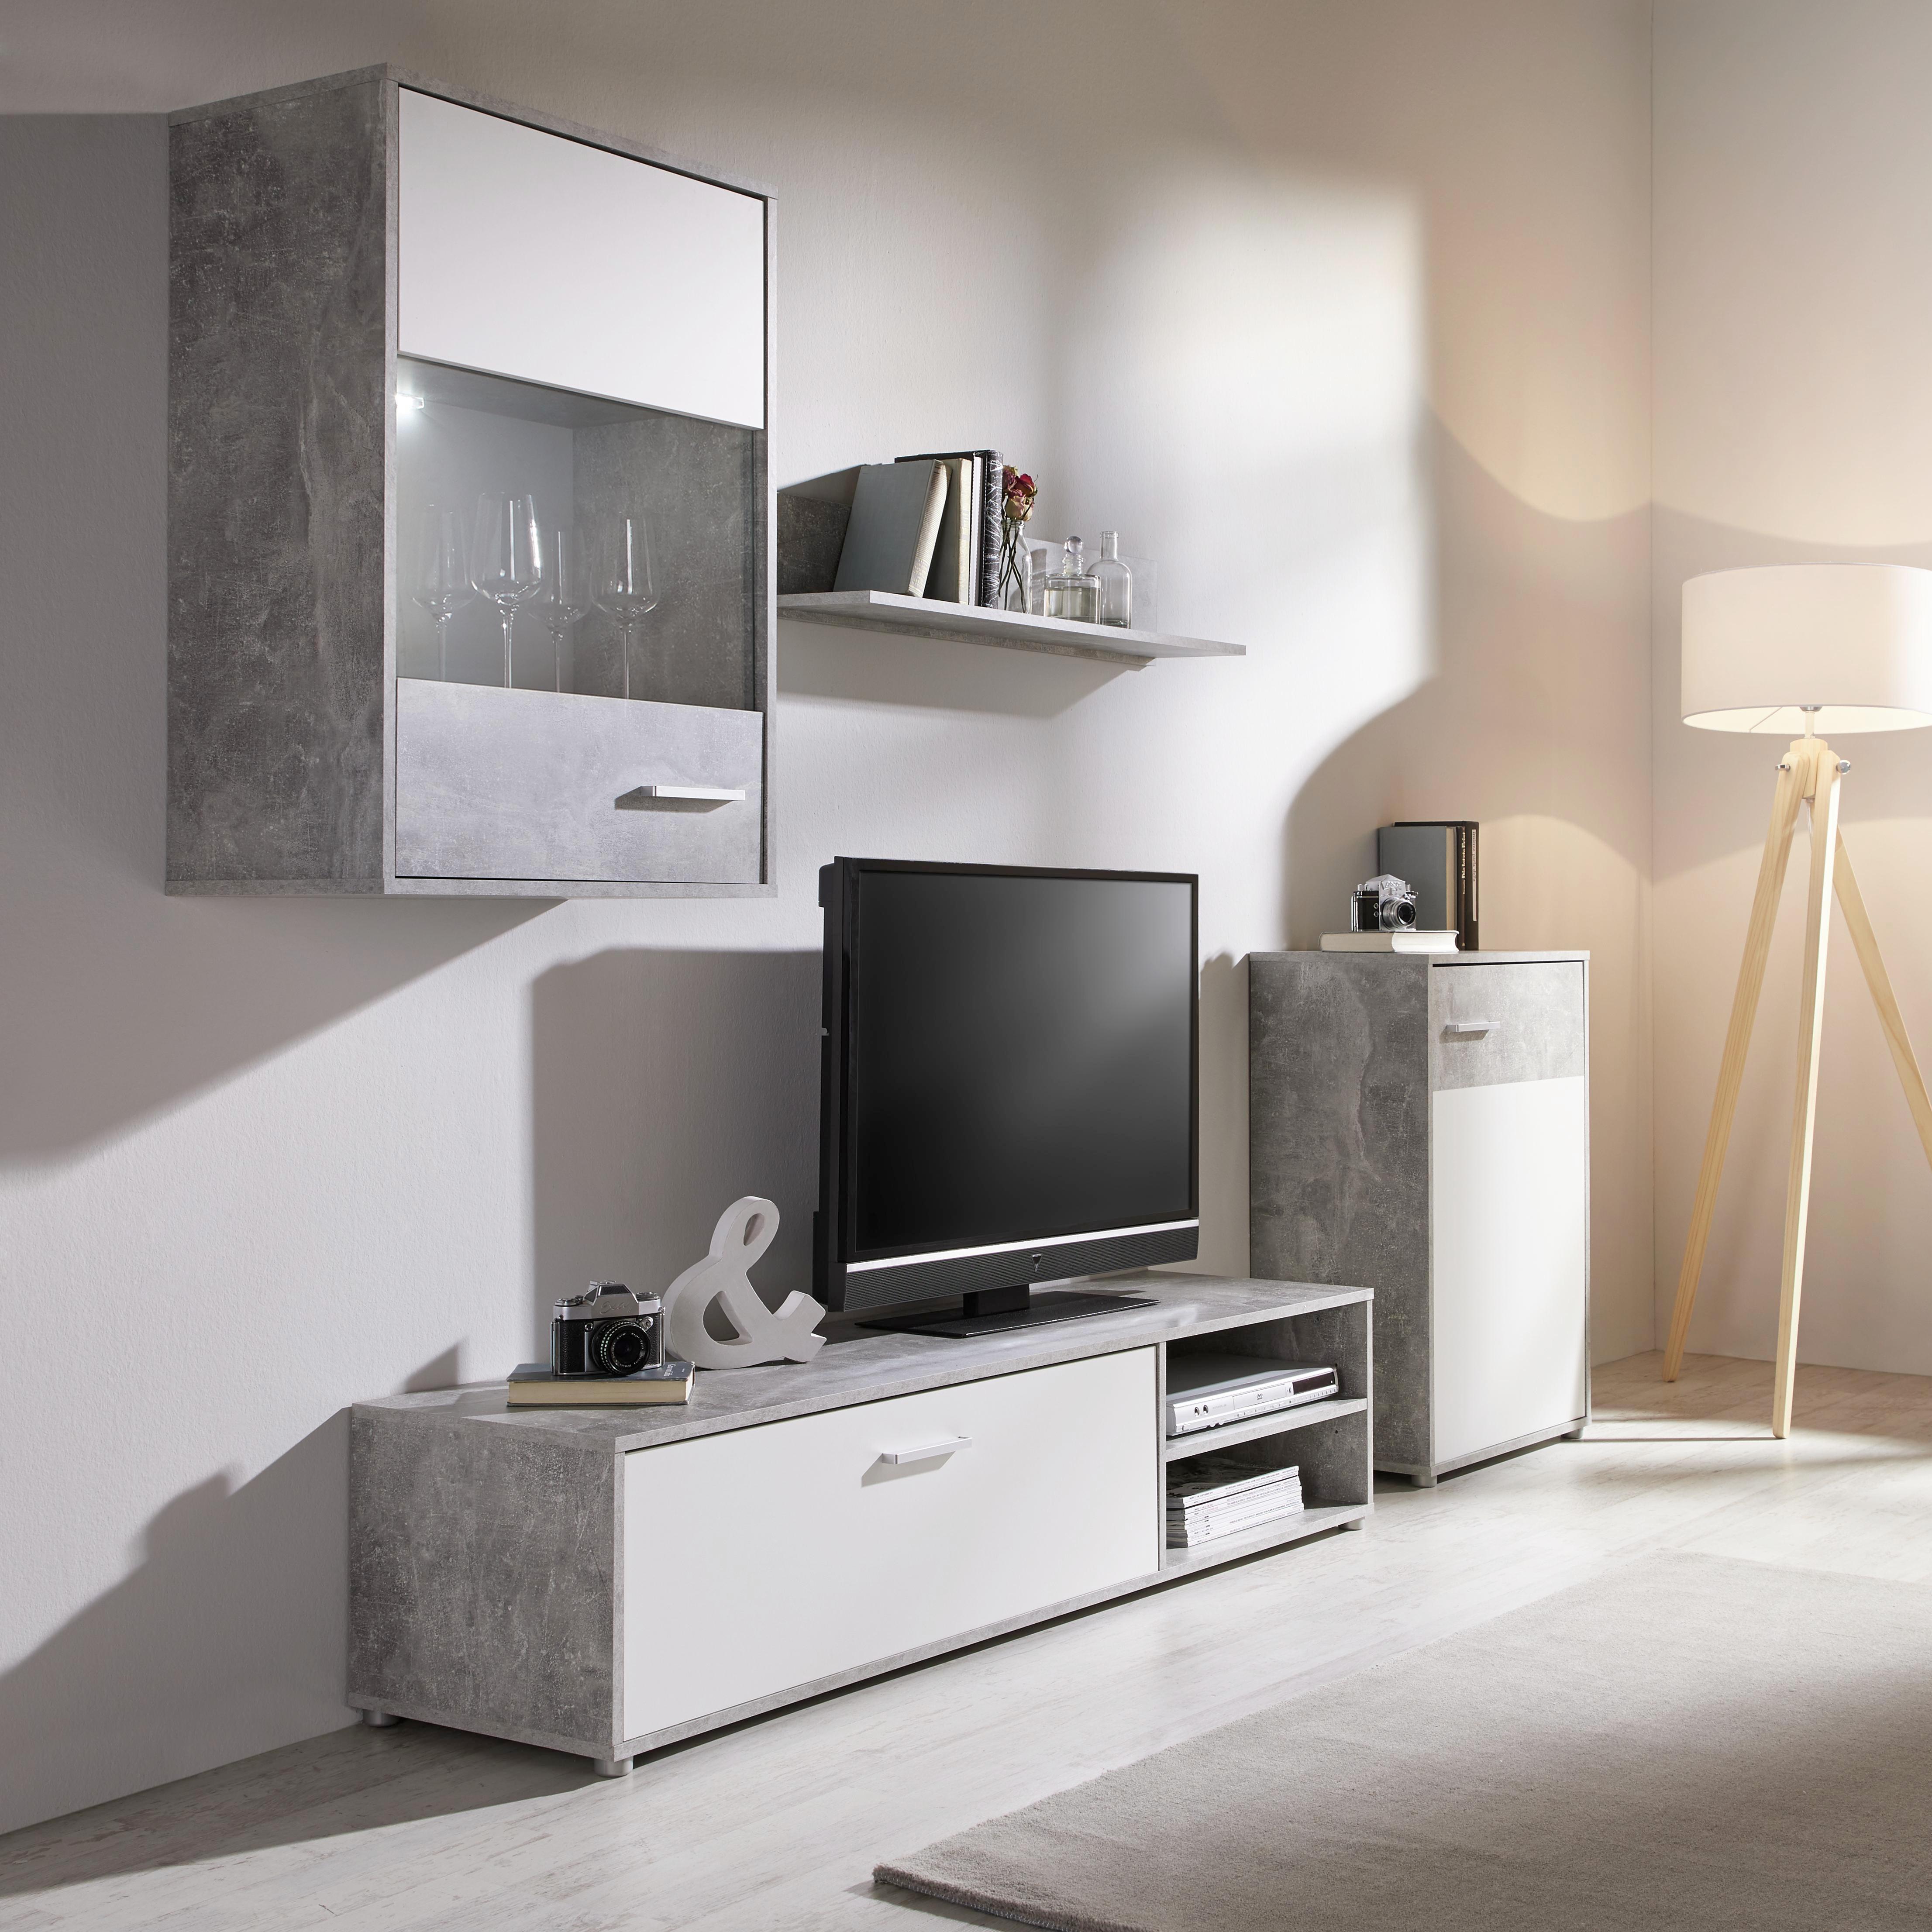 xora mbel hersteller fabulous xora mbel hersteller xora m bel f r ein exklusives with xora mbel. Black Bedroom Furniture Sets. Home Design Ideas